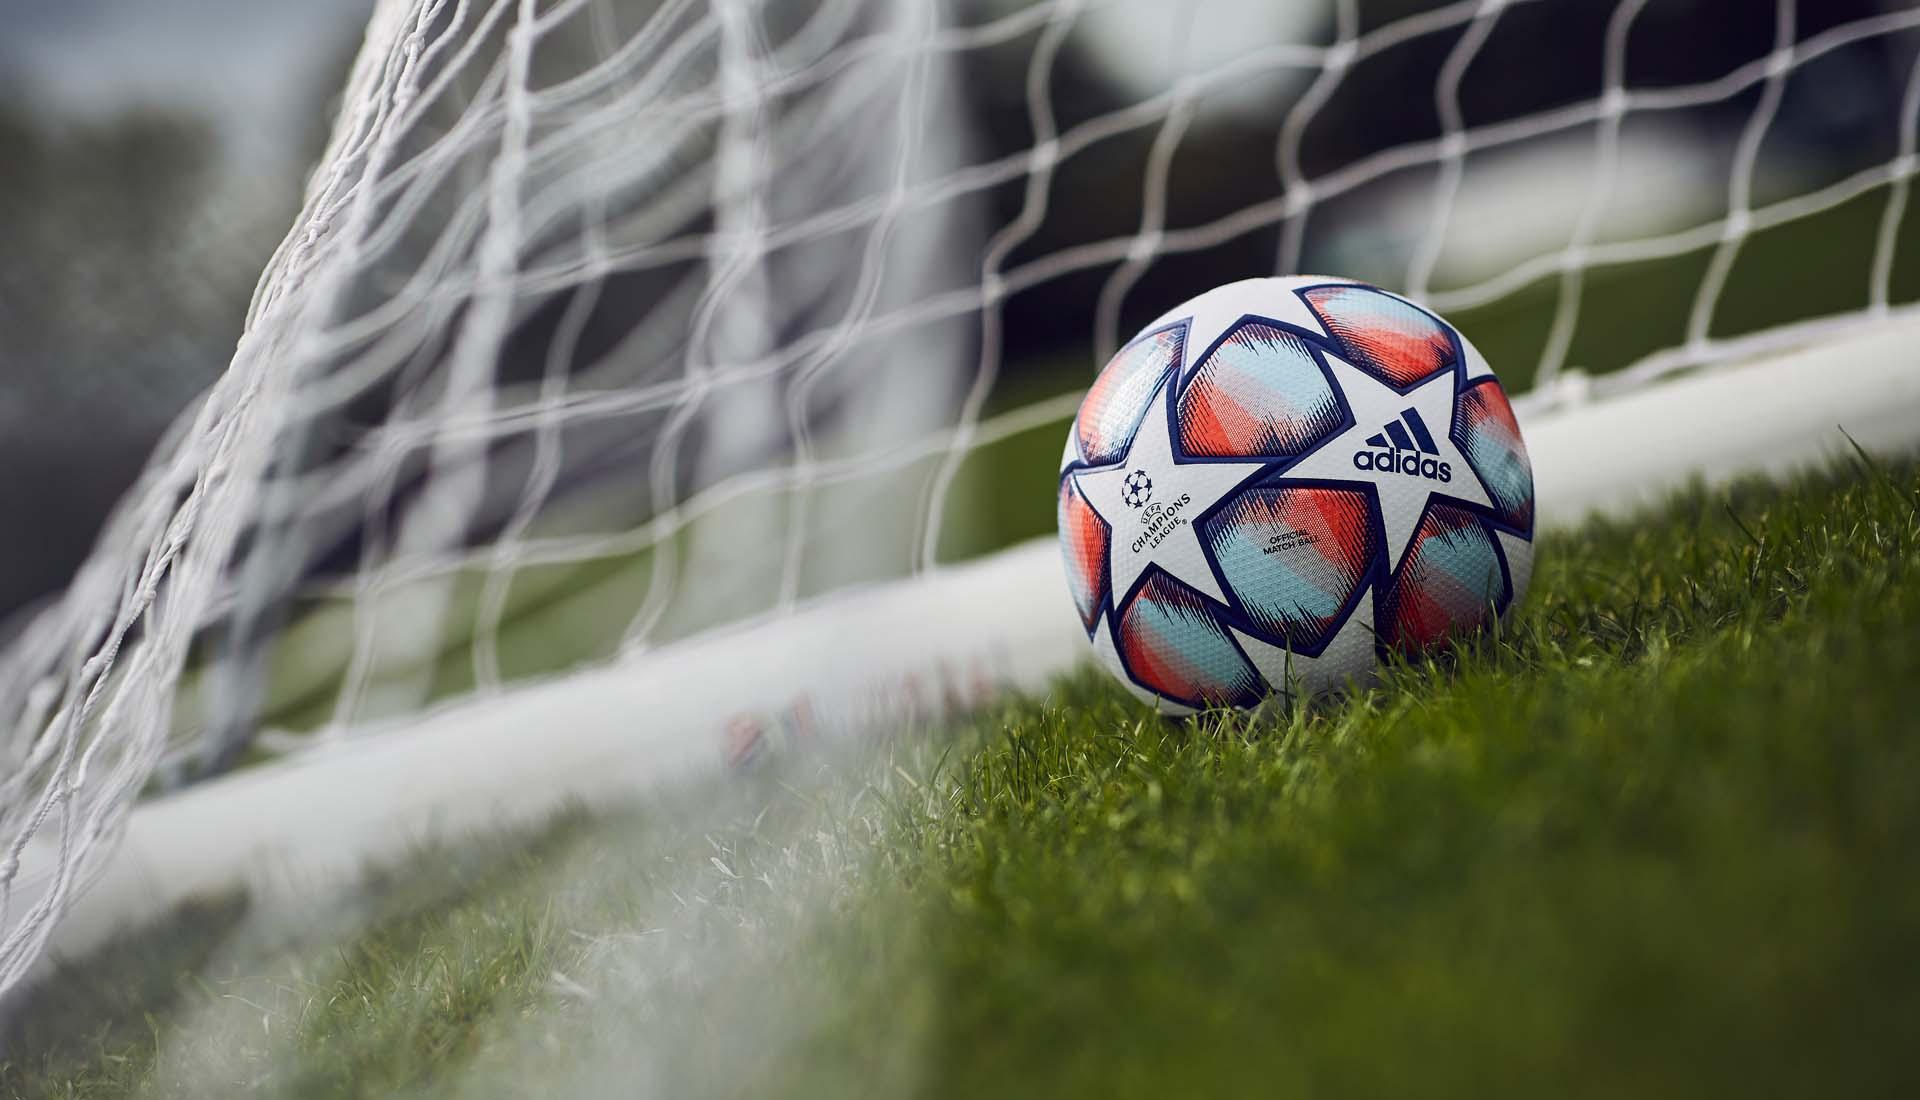 Adidas представил официальный мяч финала Лиги чемпионов 2021 года